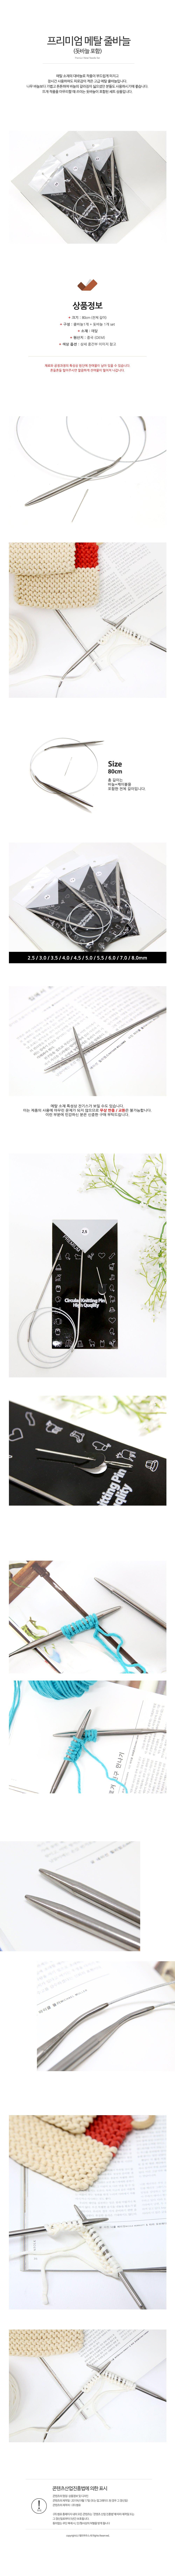 프리미엄 메탈 줄바늘 (돗바늘 포함) - 니뜨, 3,500원, 뜨개질, 뜨개질 바늘